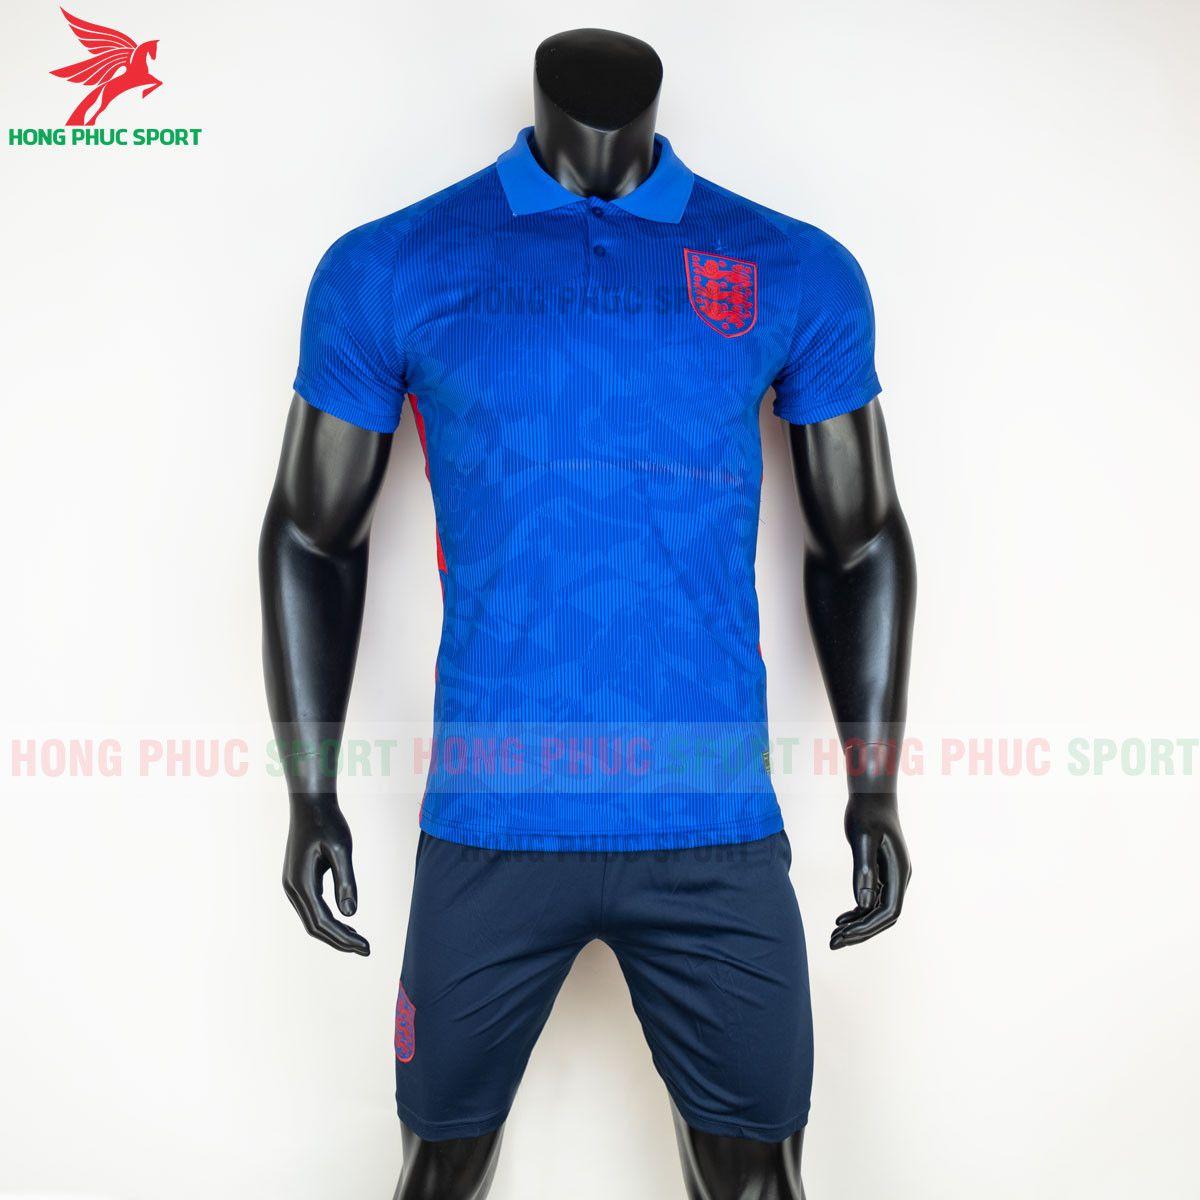 https://cdn.hongphucsport.com/unsafe/s4.shopbay.vn/files/285/ao-bong-da-tuyen-anh-2021-san-khach-hang-thai-2-60d2f9865d9a7.jpg